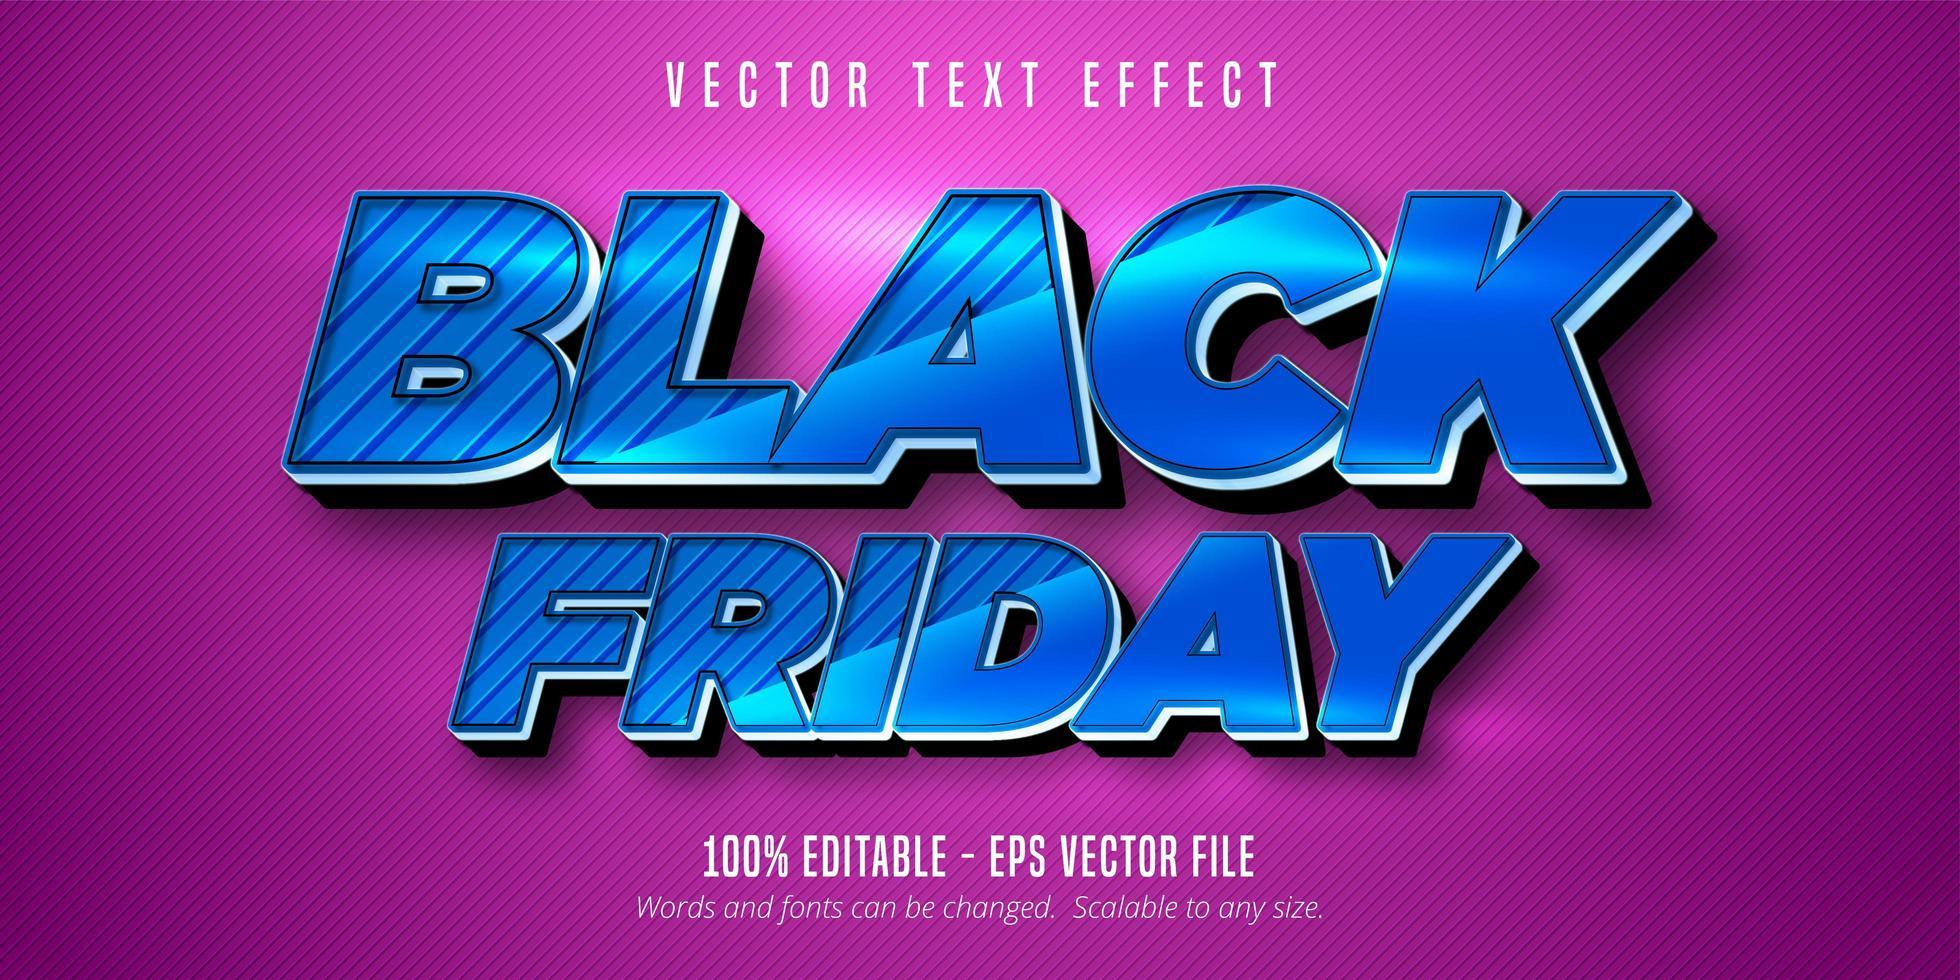 metallic blauw zwart vrijdag bewerkbaar teksteffect vector